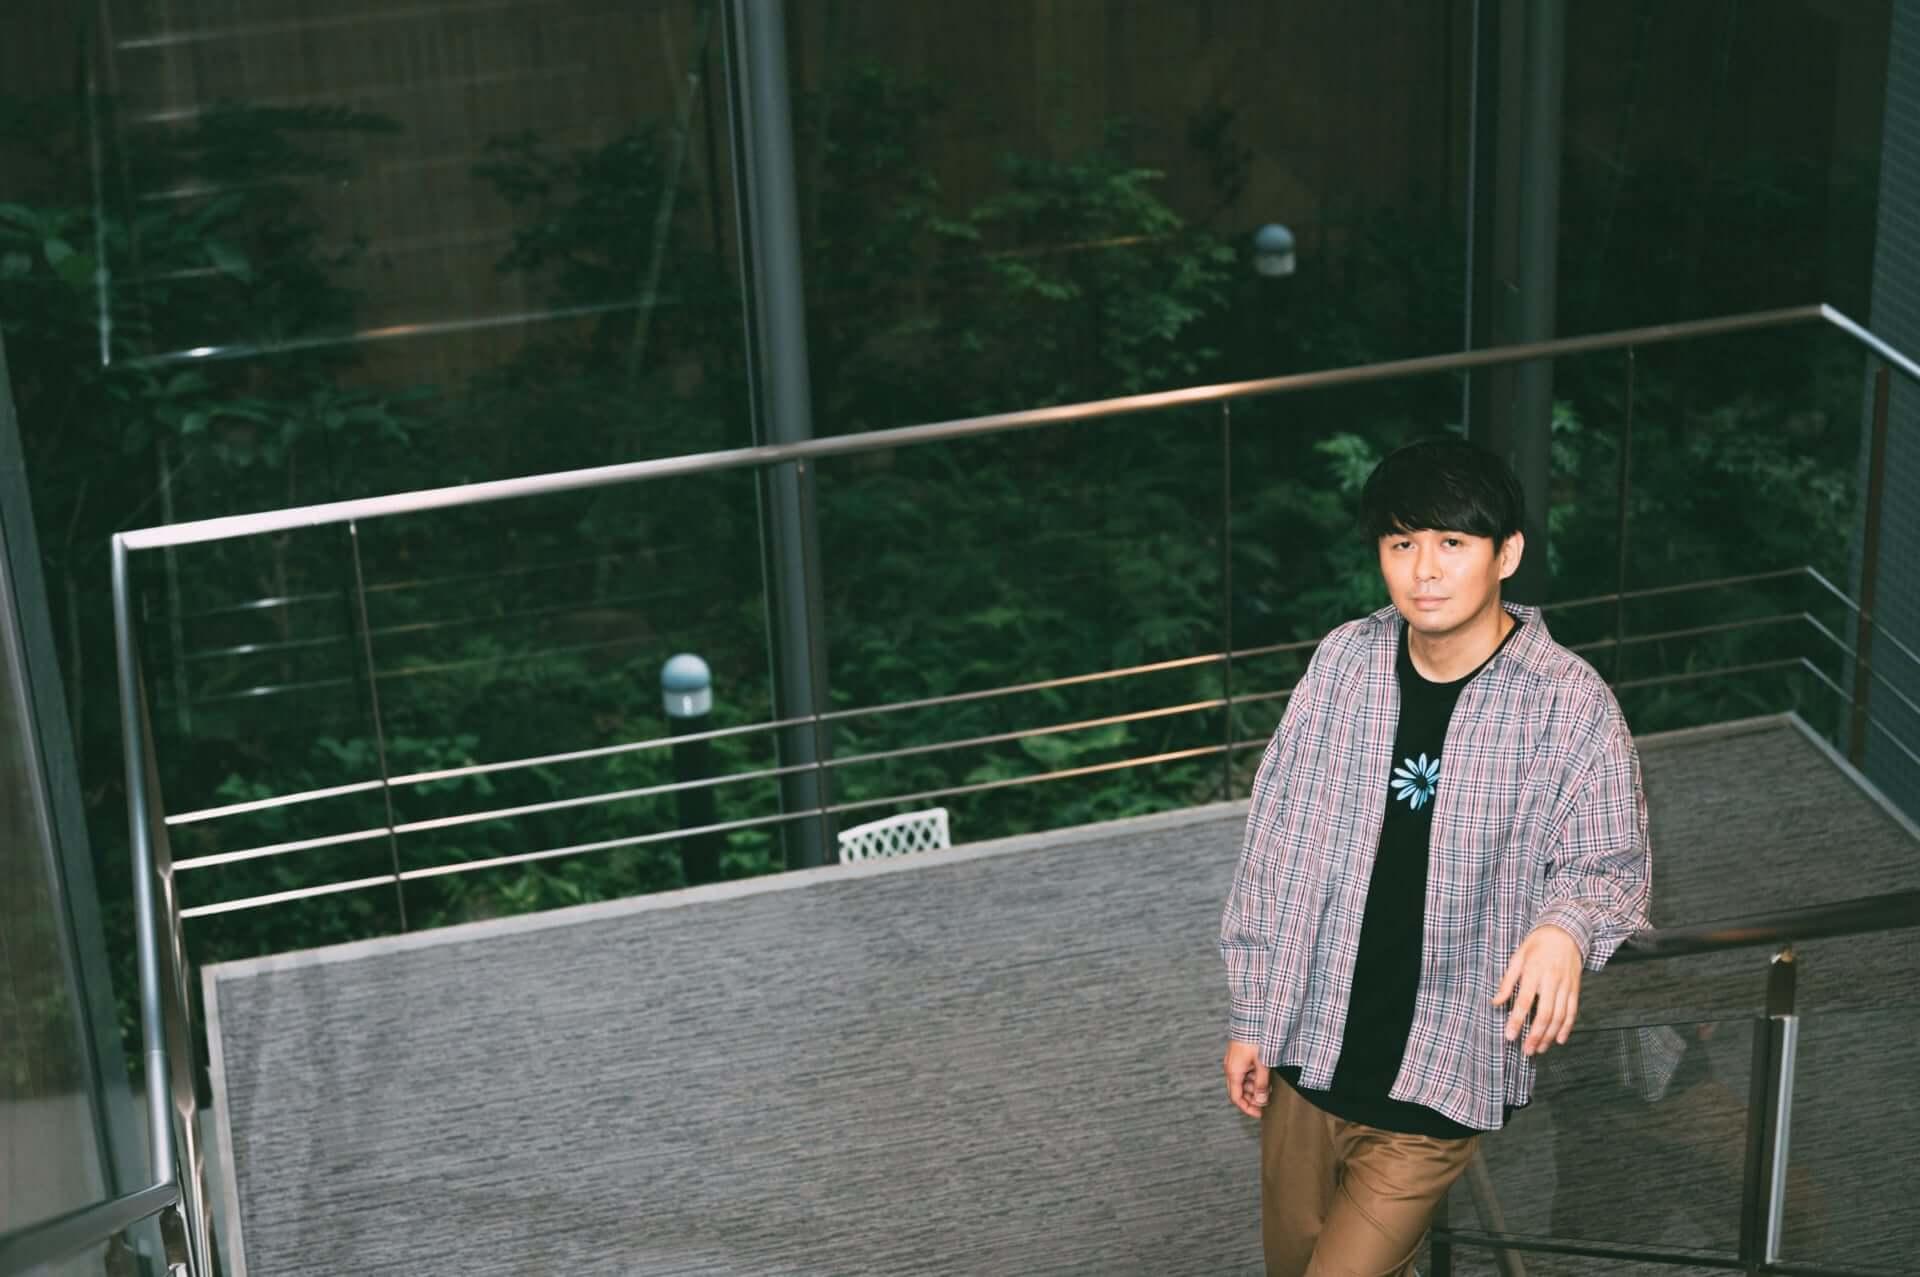 1人になったthe chef cooks me・下村亮介が辿り着いた先で見つけたバンドマジック interview1002_tccm_11-1920x1277